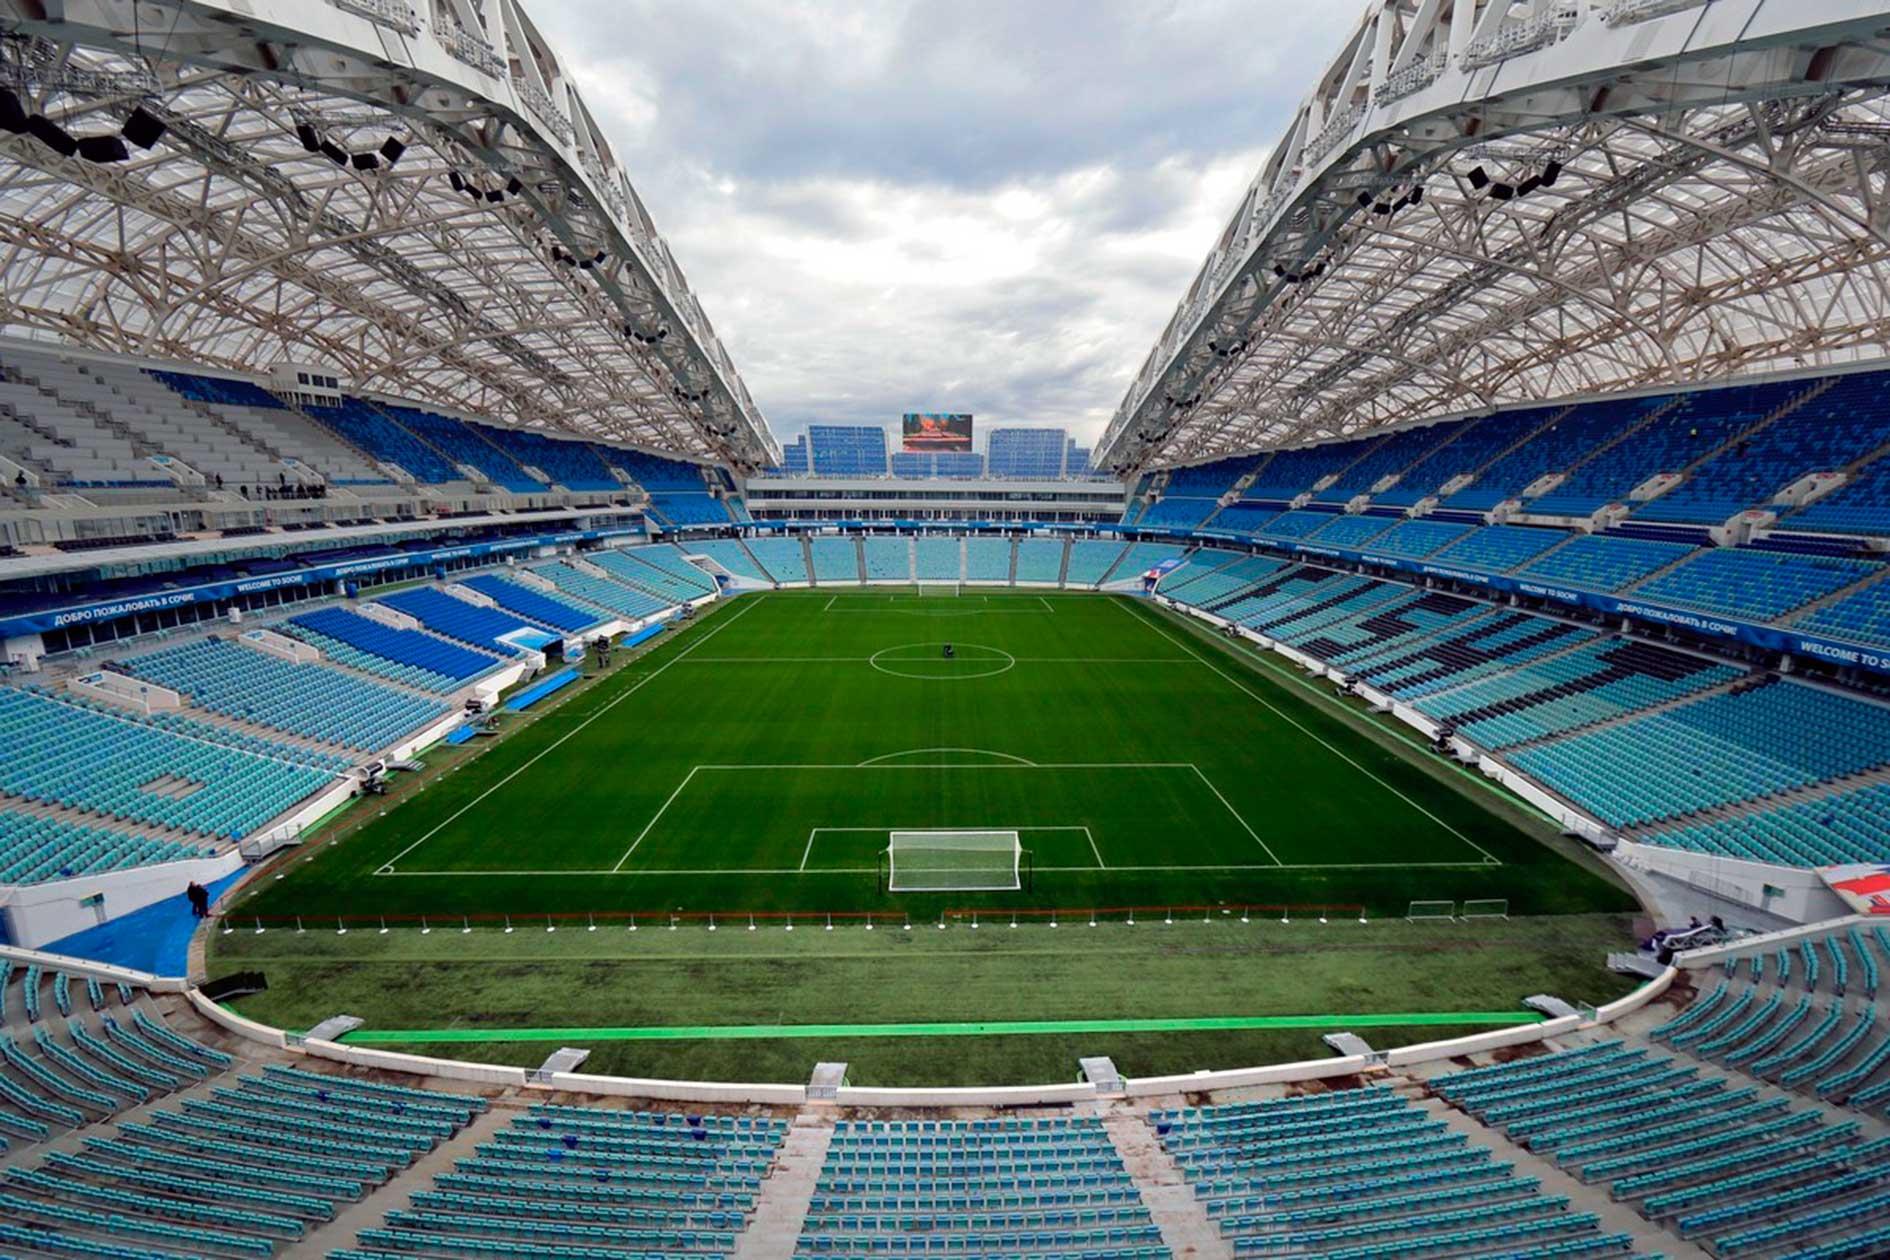 Gradas Estadio Fisht